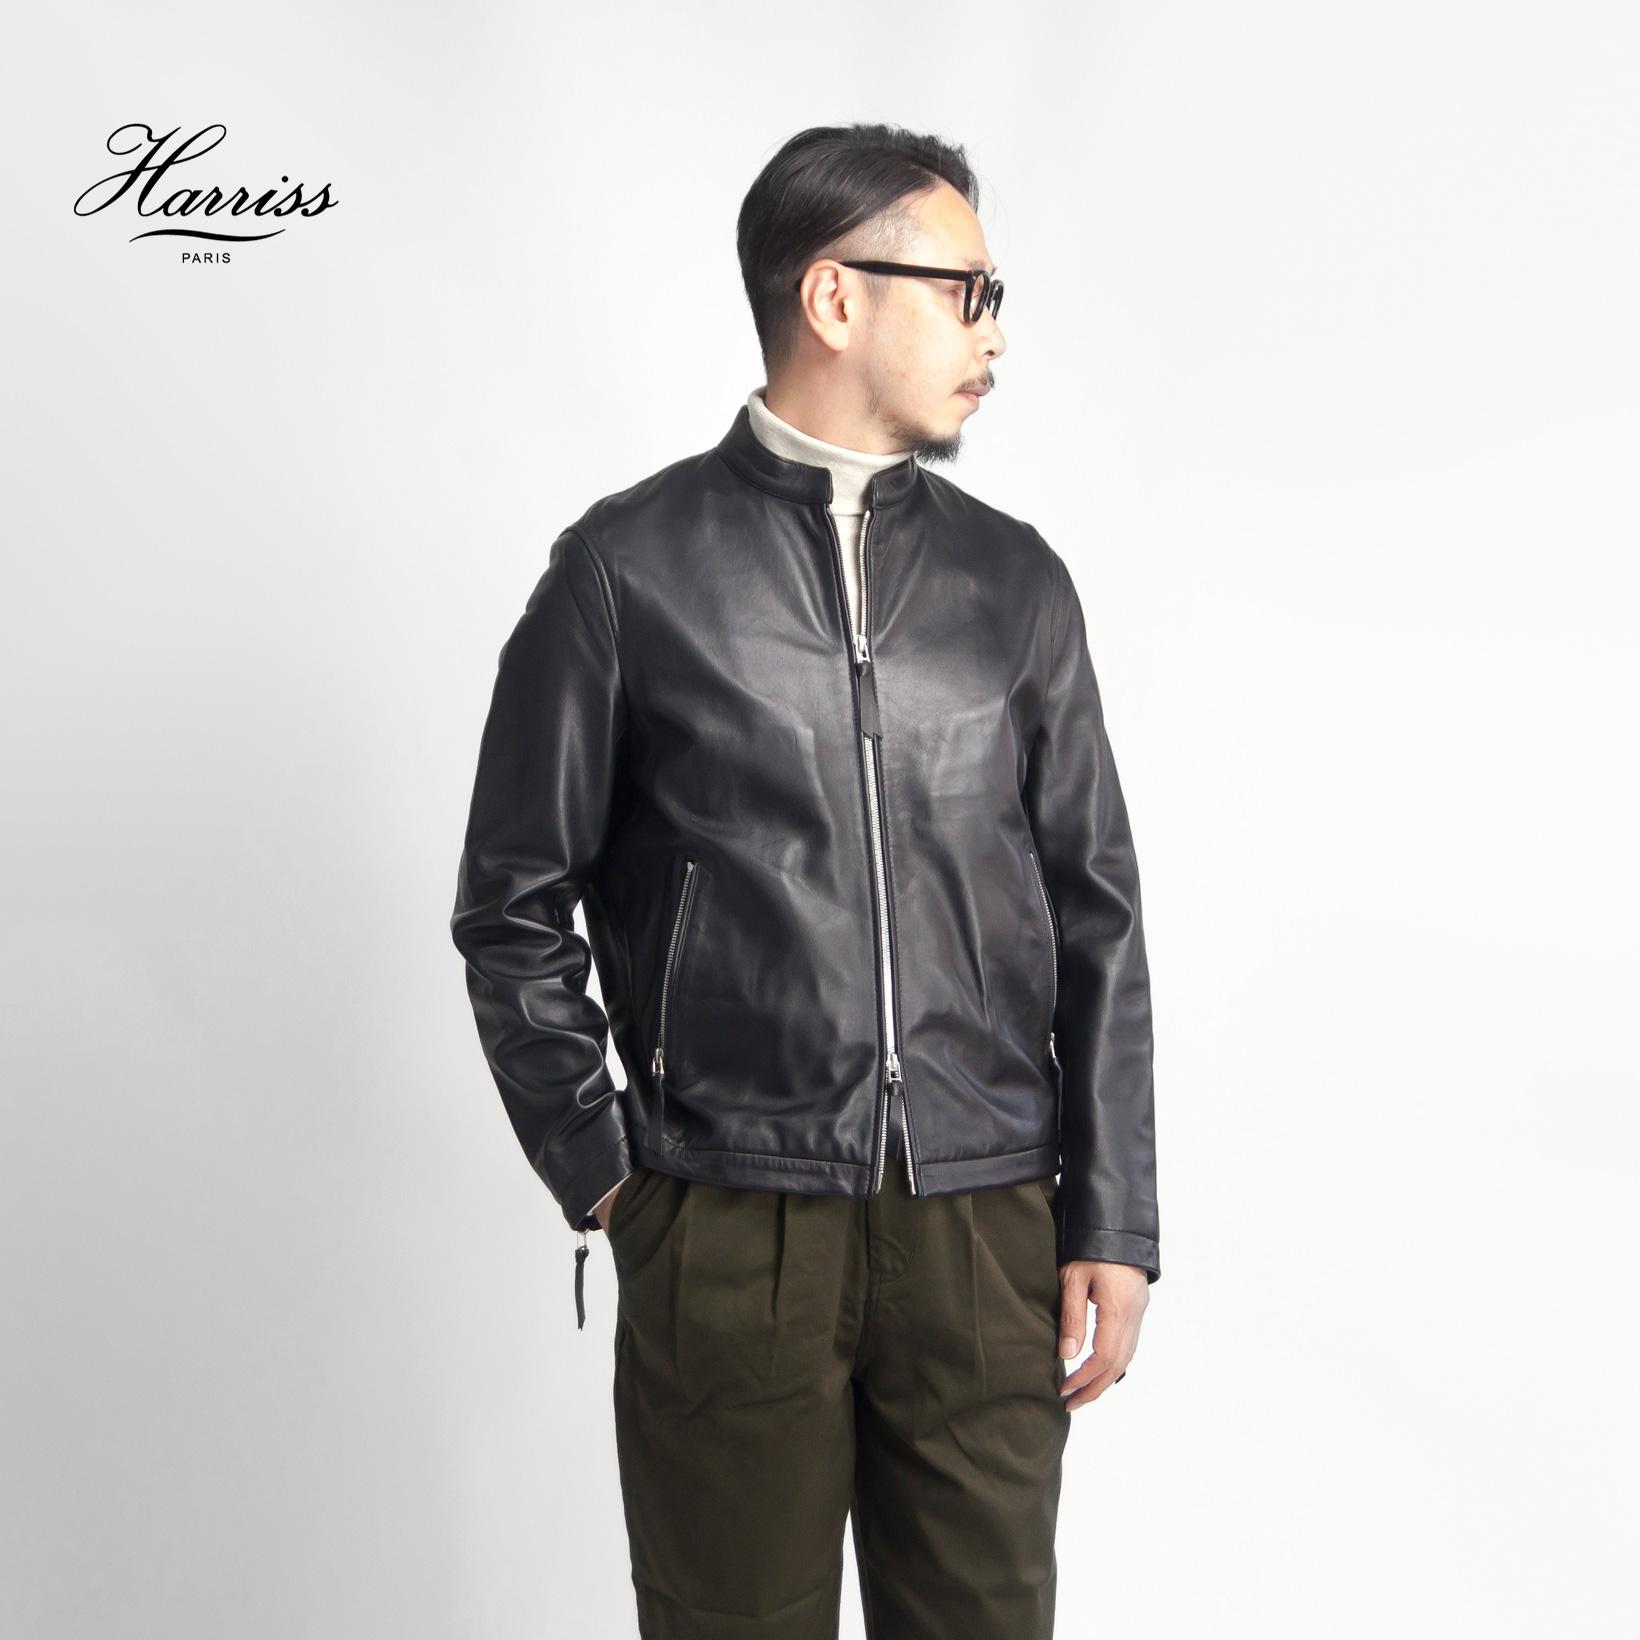 Harriss ハリス ラムレザー シングルライダースジャケット 本革 メンズ